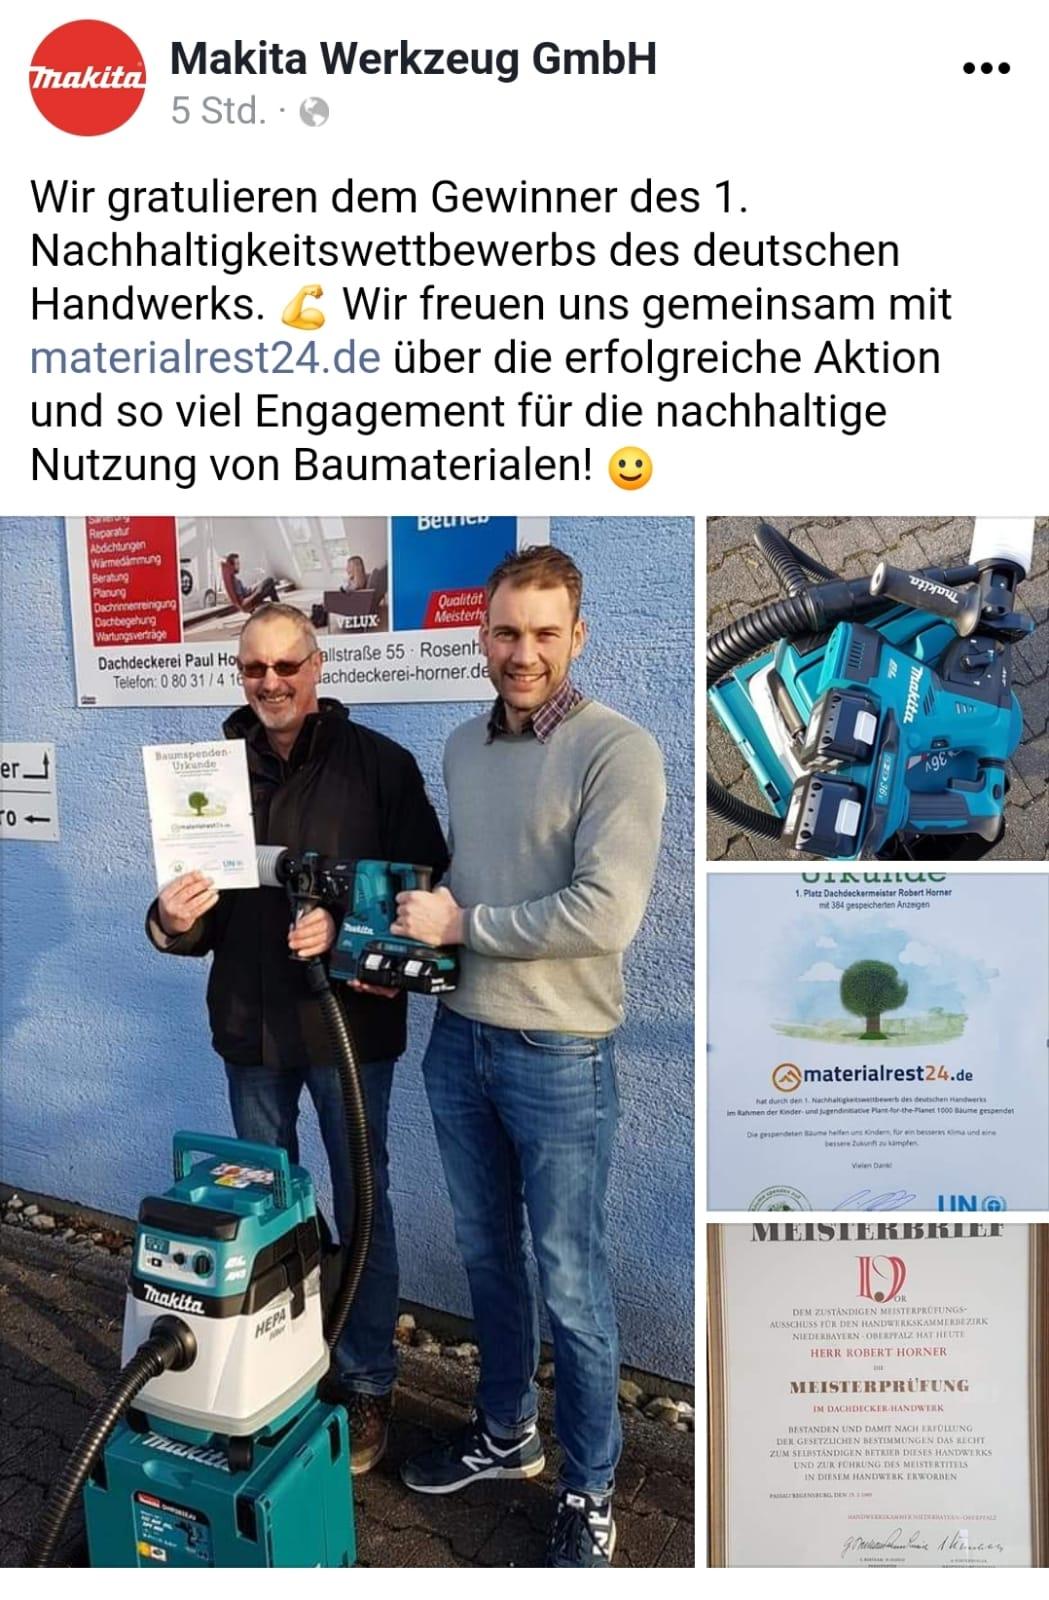 Gewinner Nachhaltigkeitswettbewerb